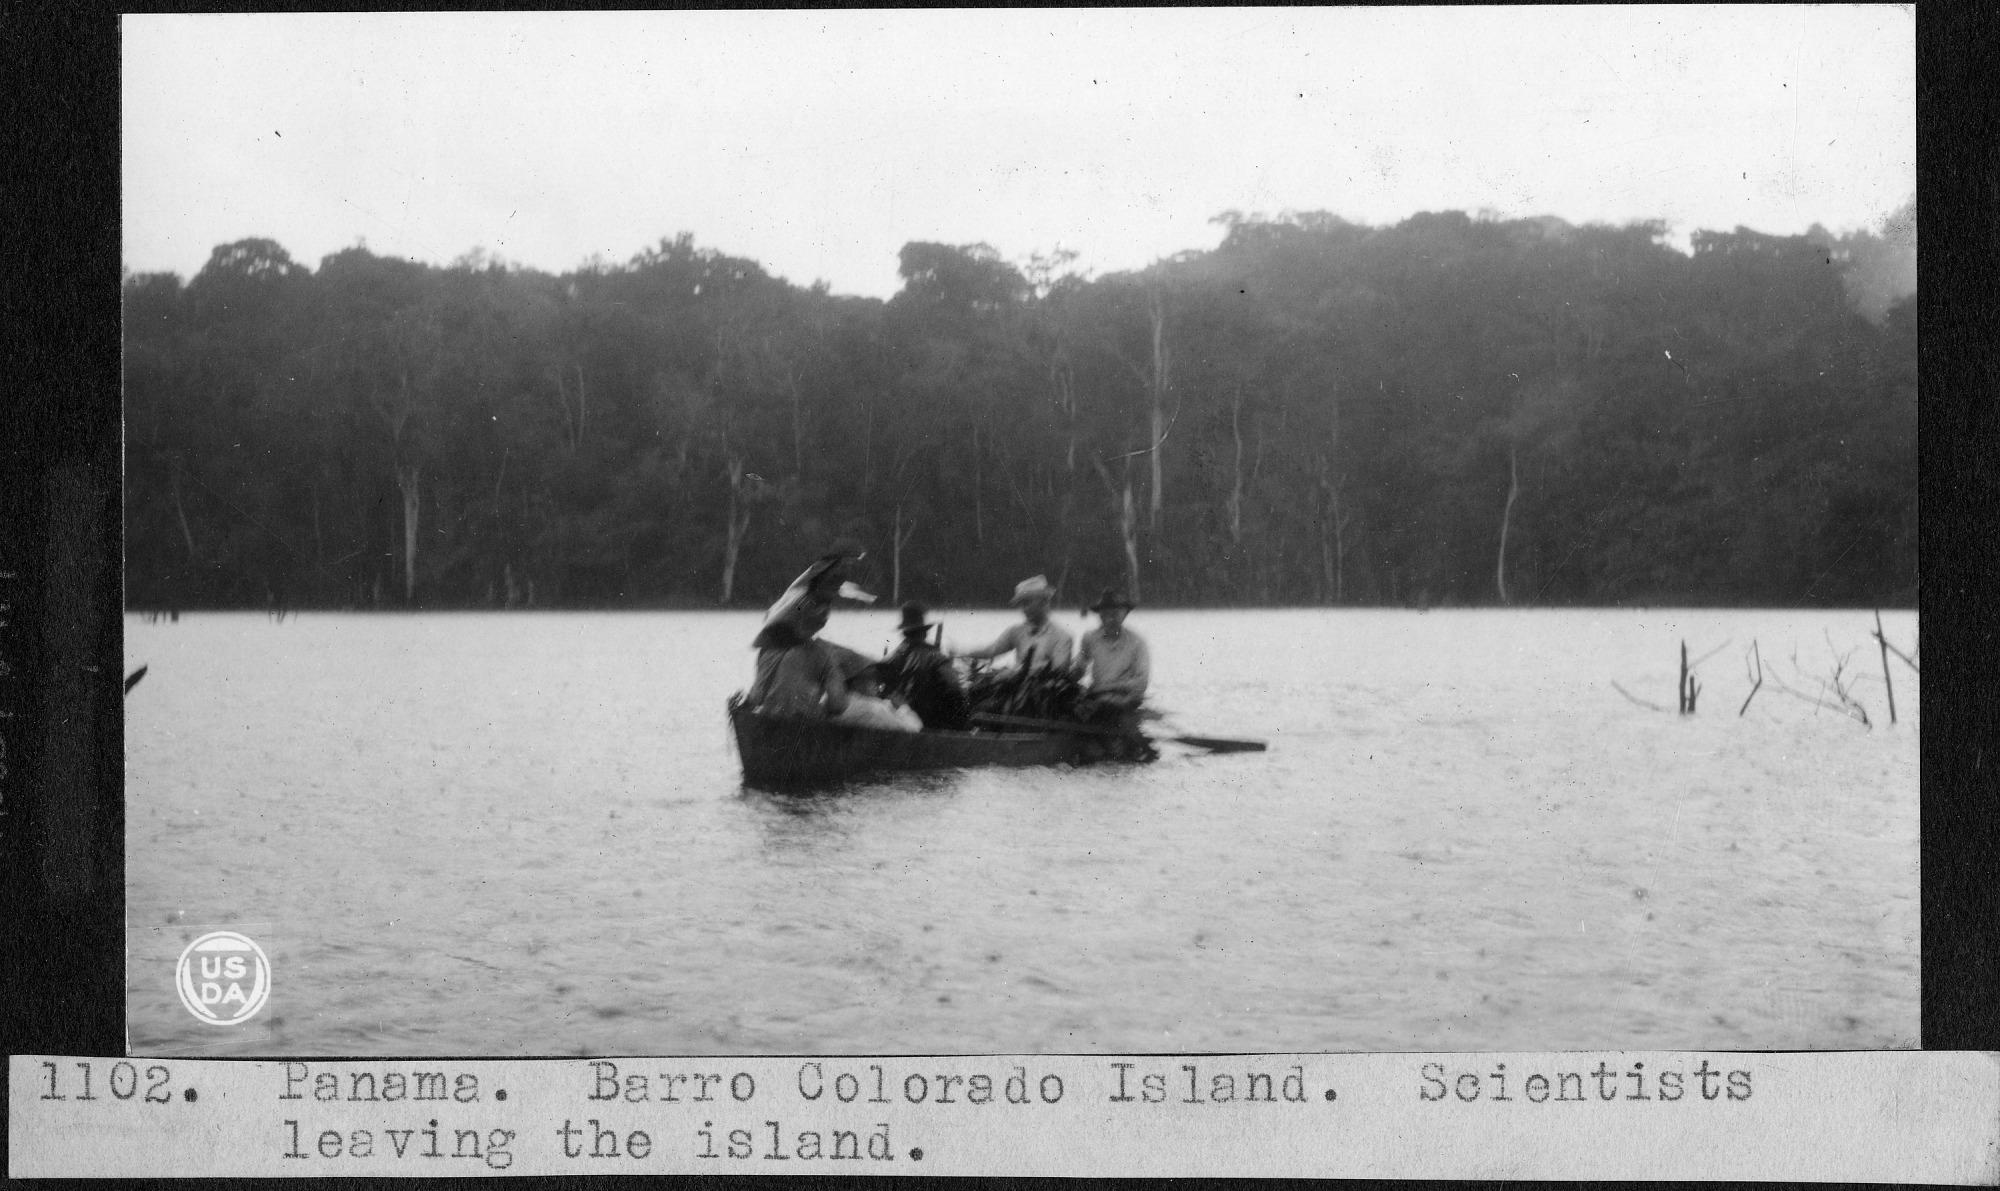 Scientists Leaving Barro Colorado Island